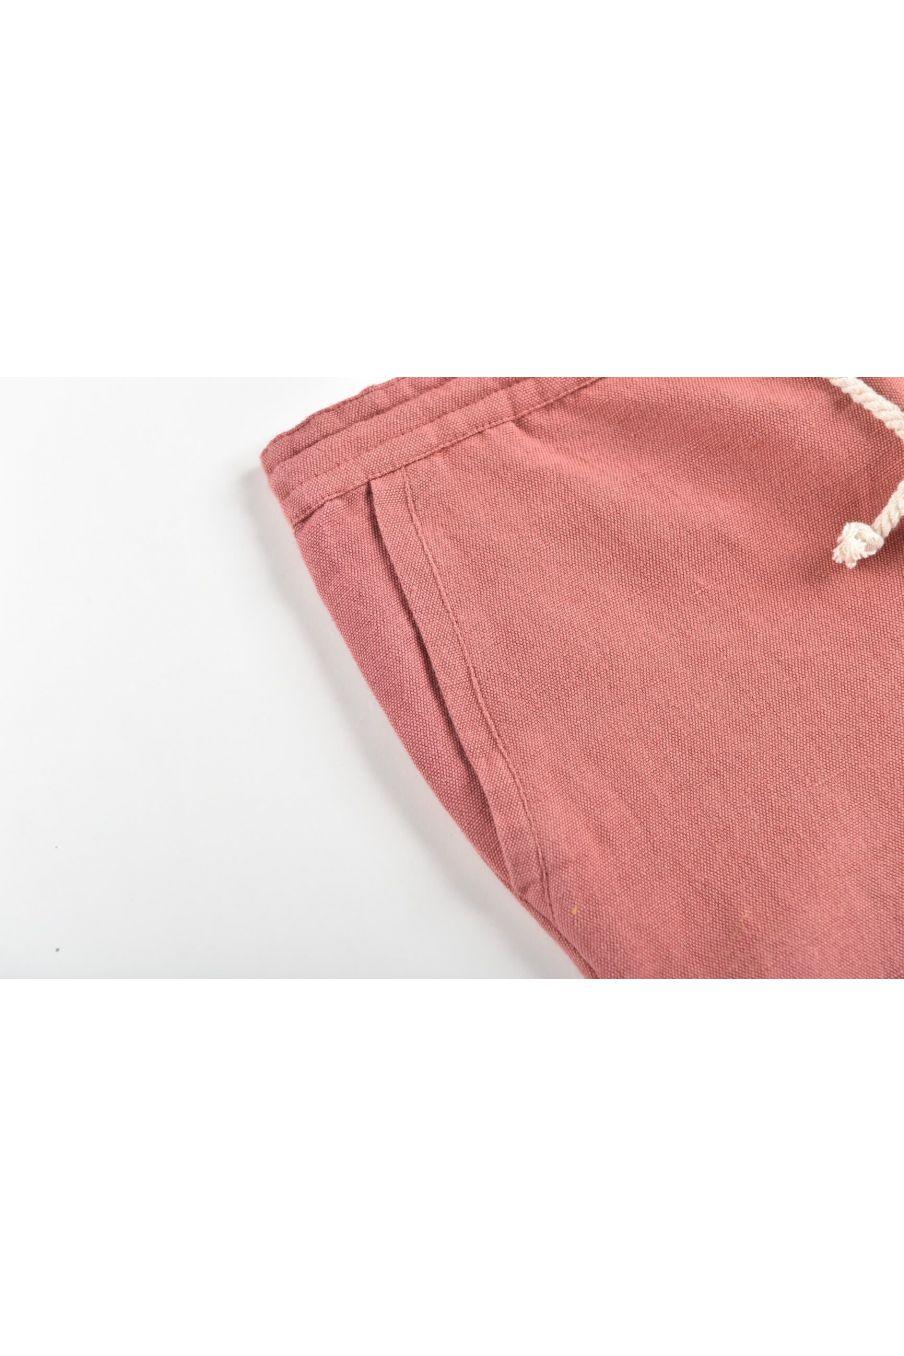 boheme chic vintage pantalon garcon acilu terracota